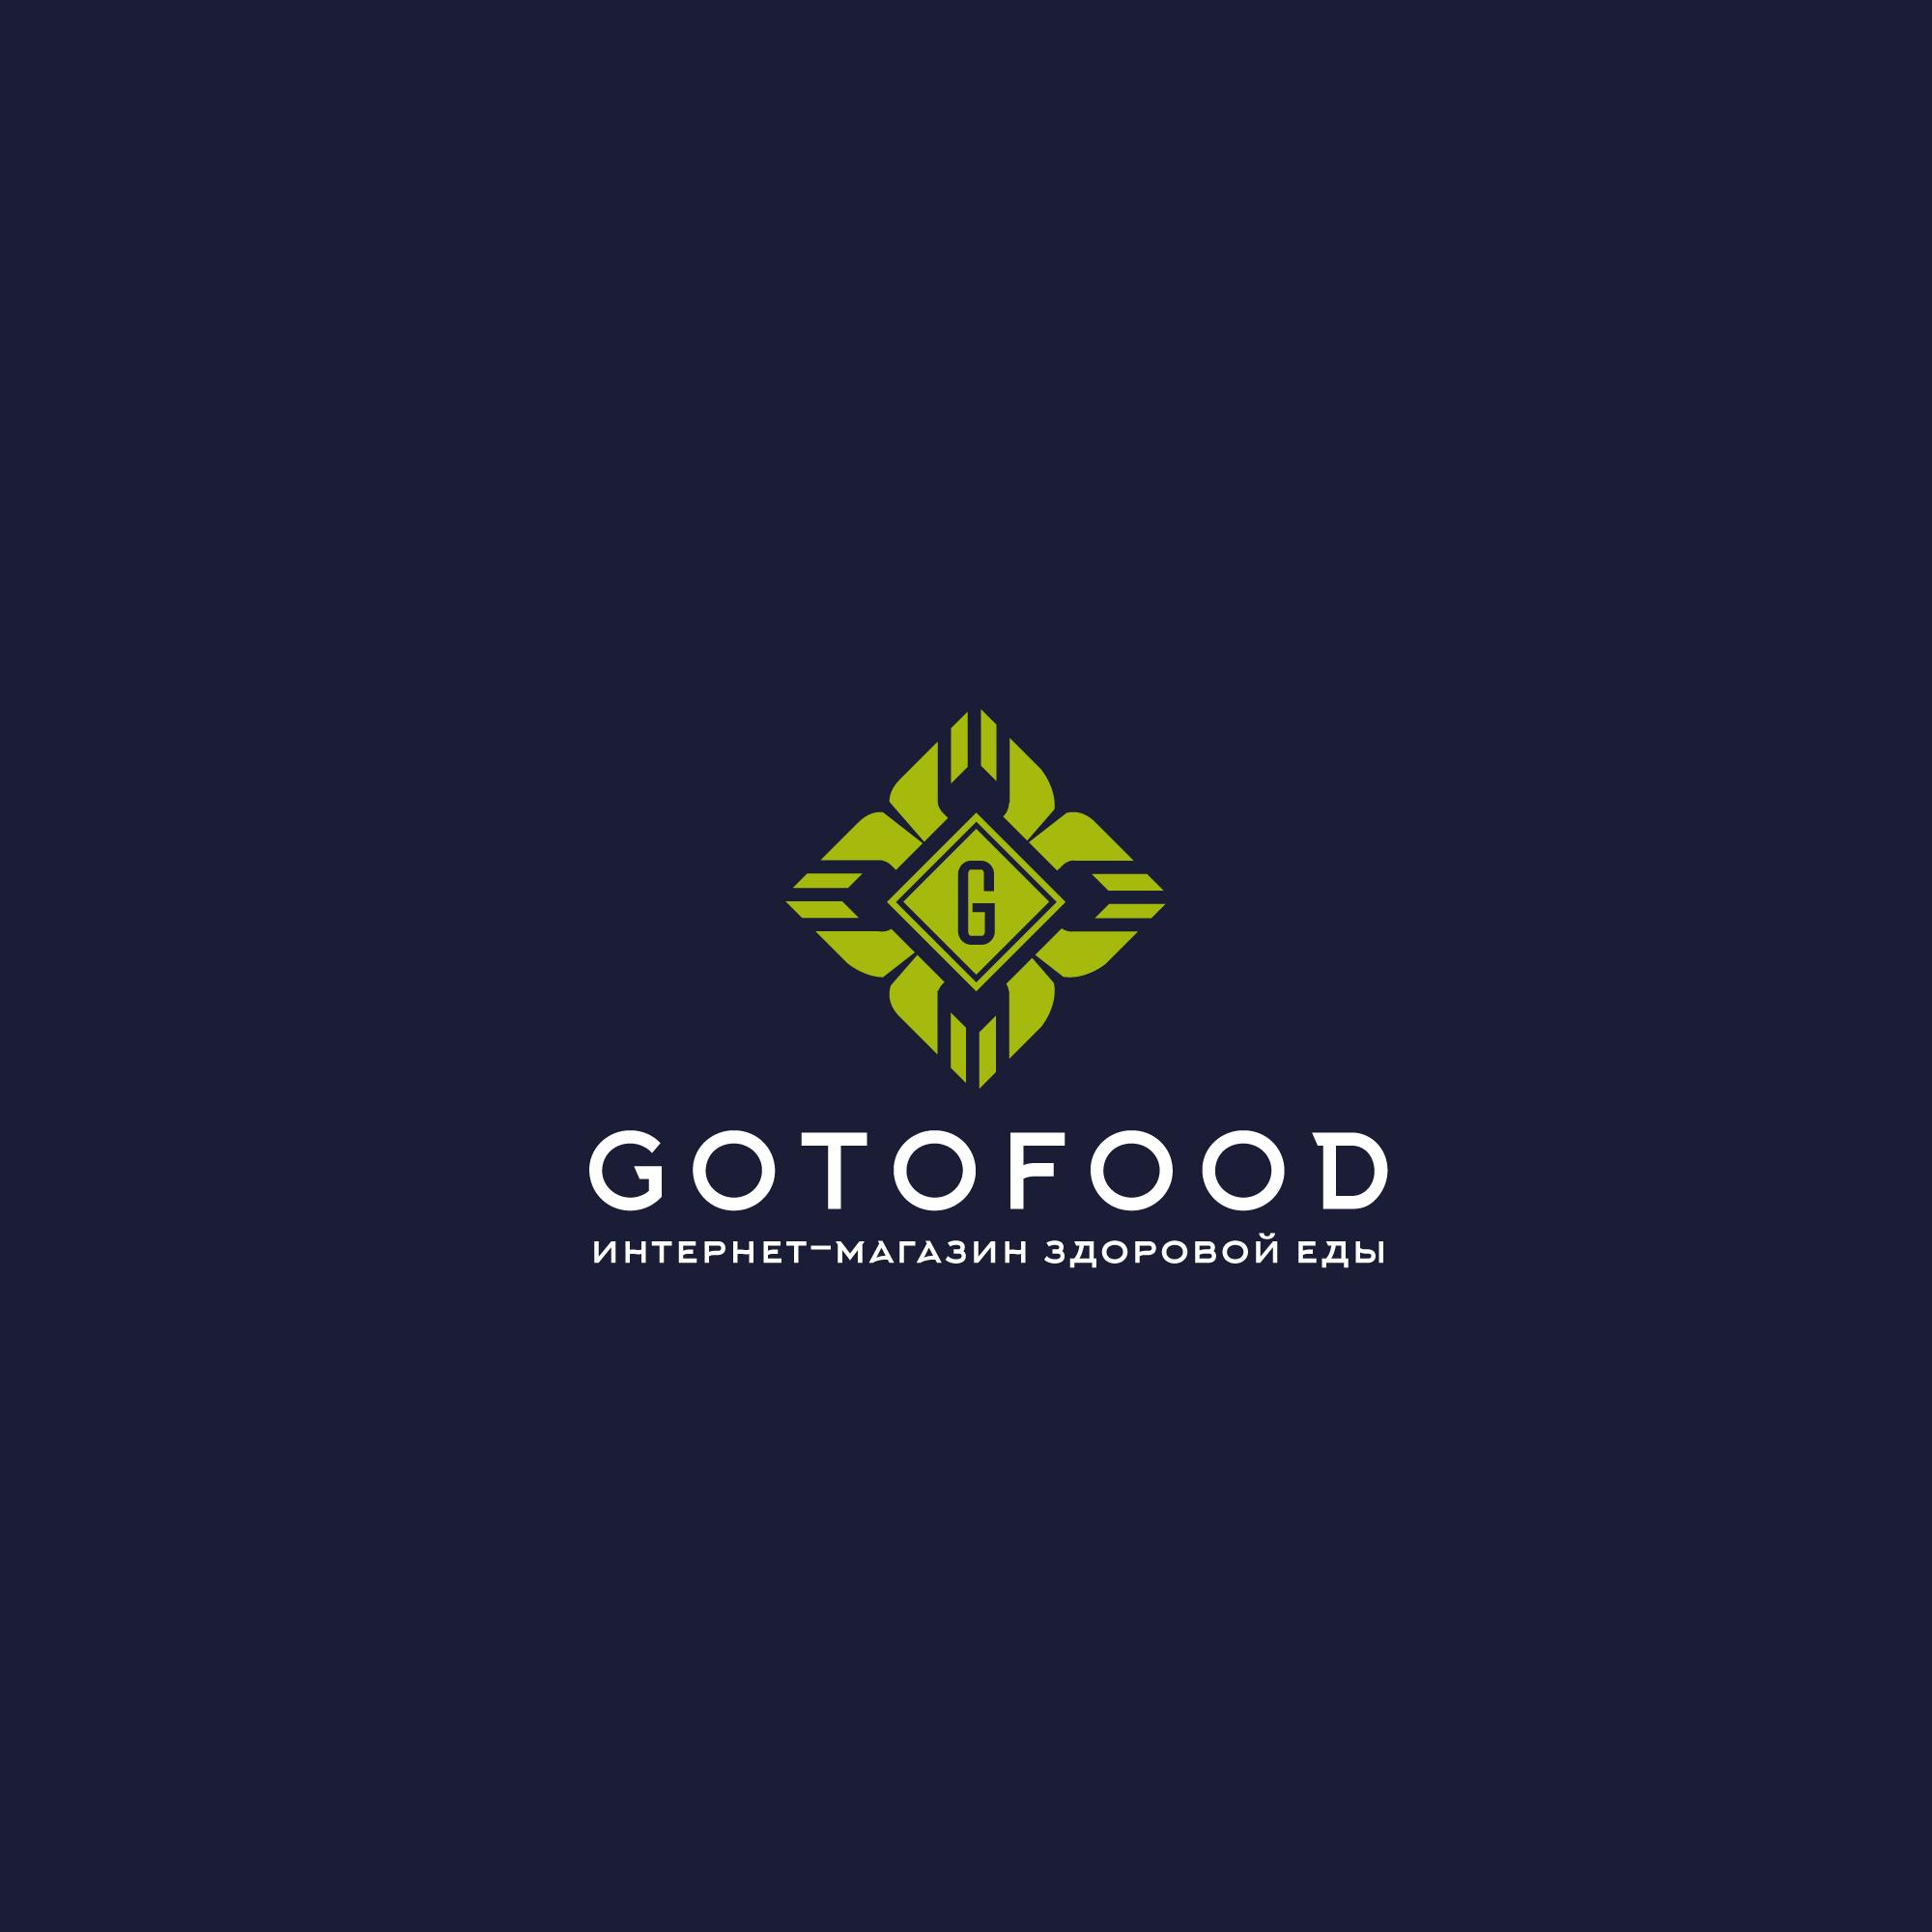 Логотип интернет-магазина здоровой еды фото f_5135cd2059485a50.jpg